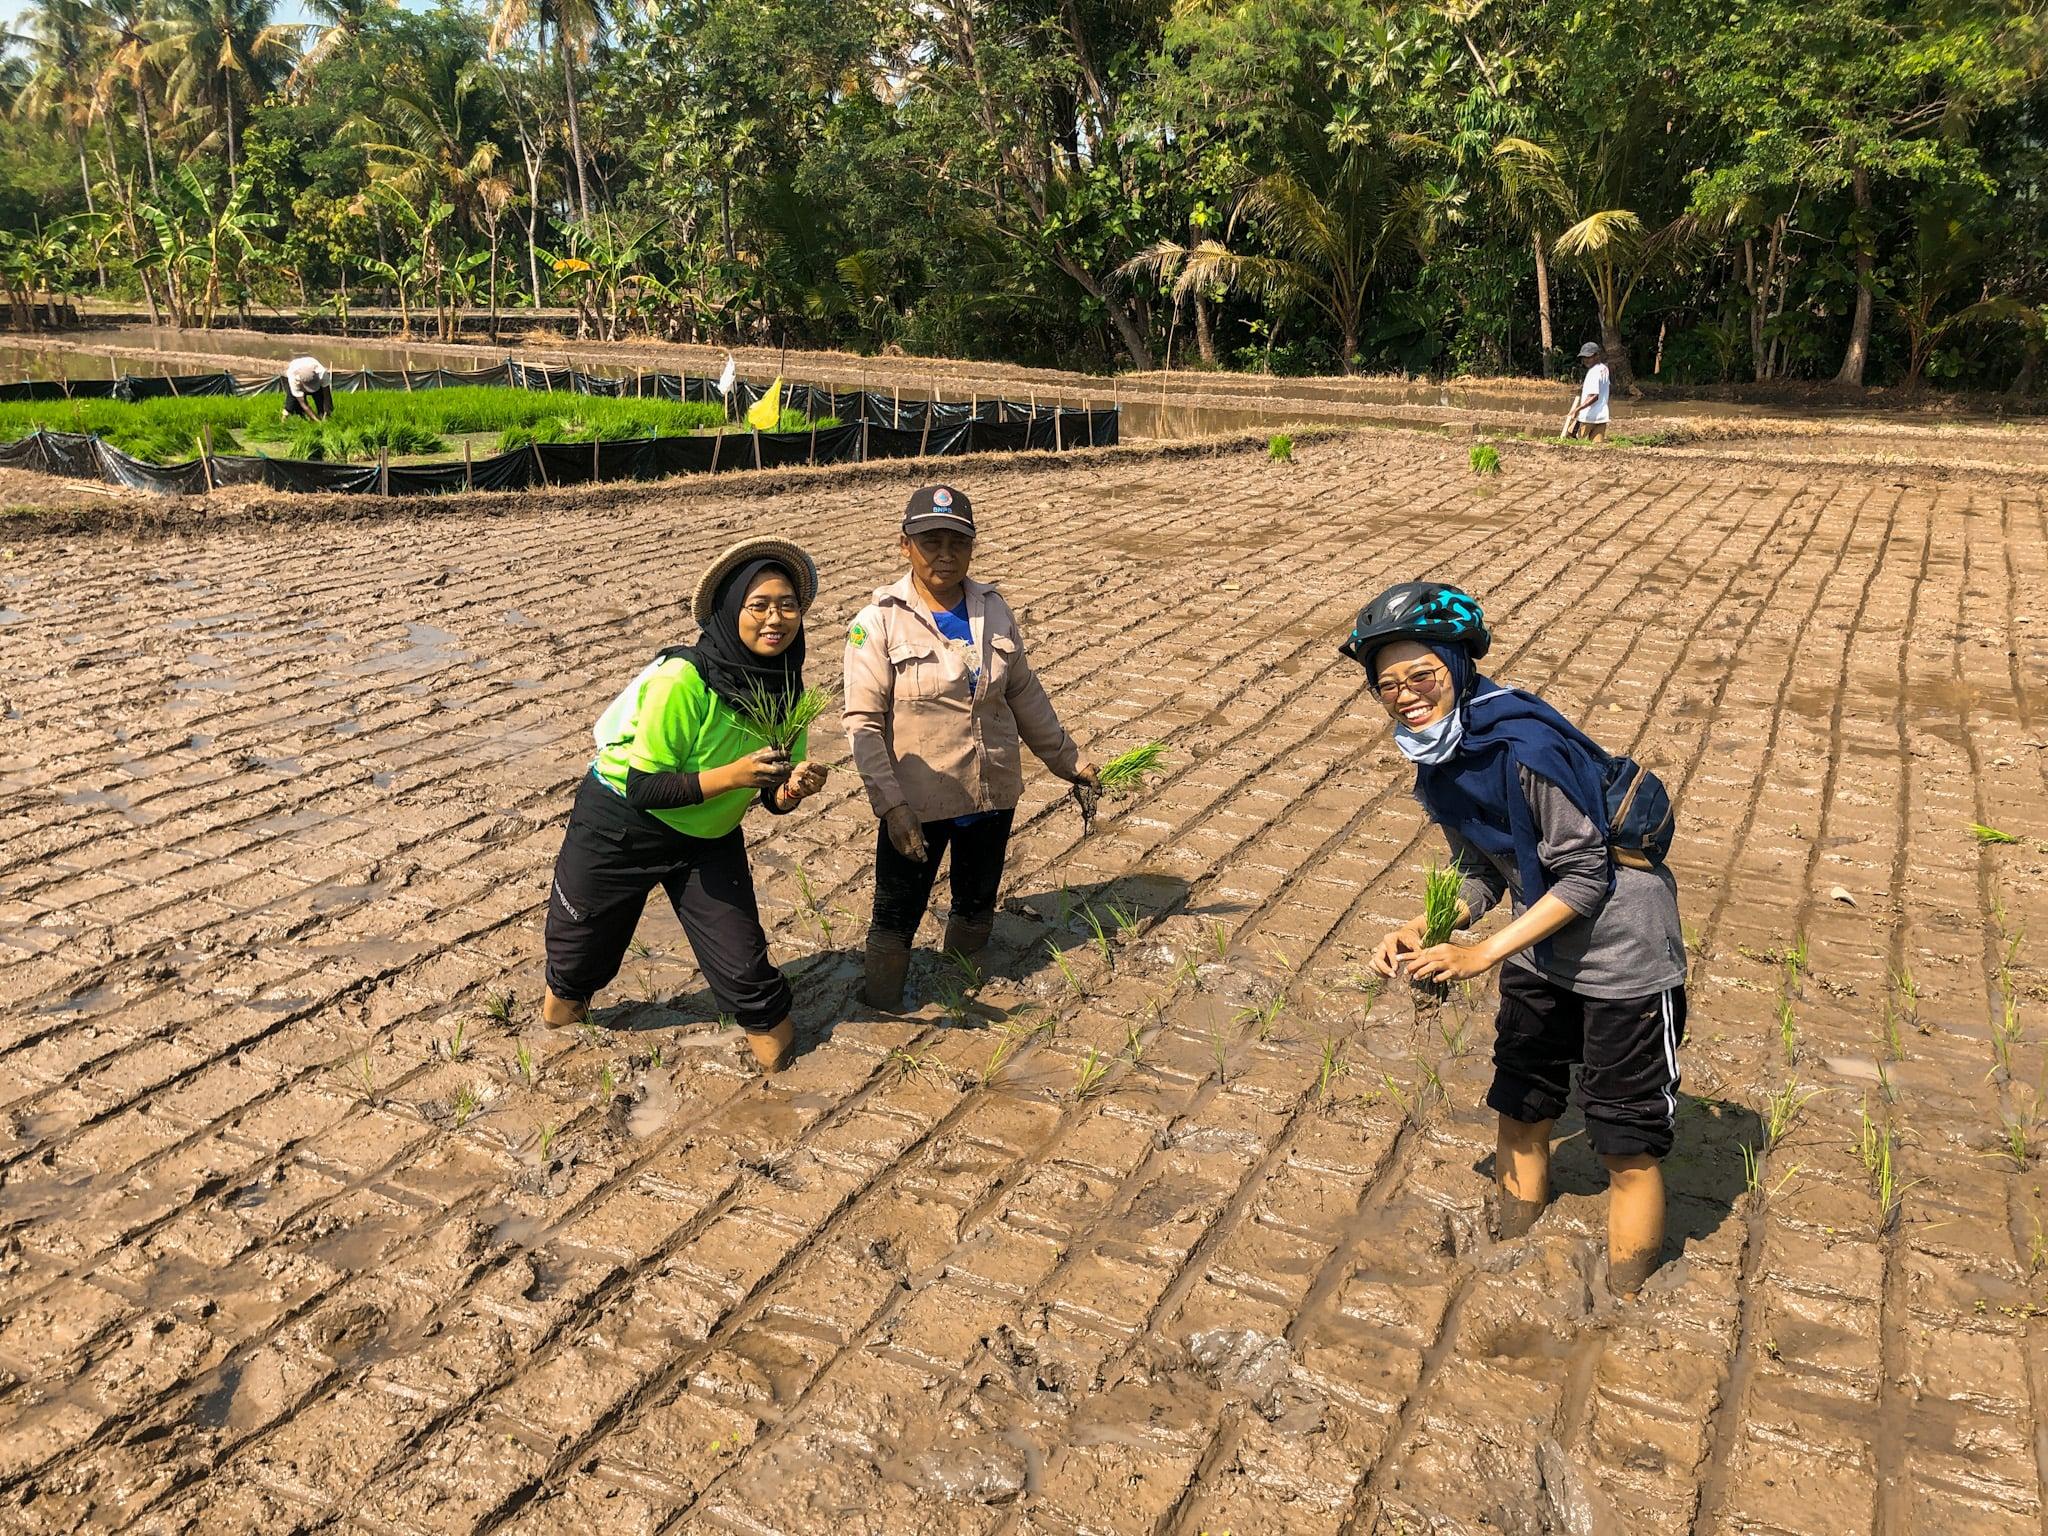 SAMOA ikut menanam padi bersama petani di Nanggulan